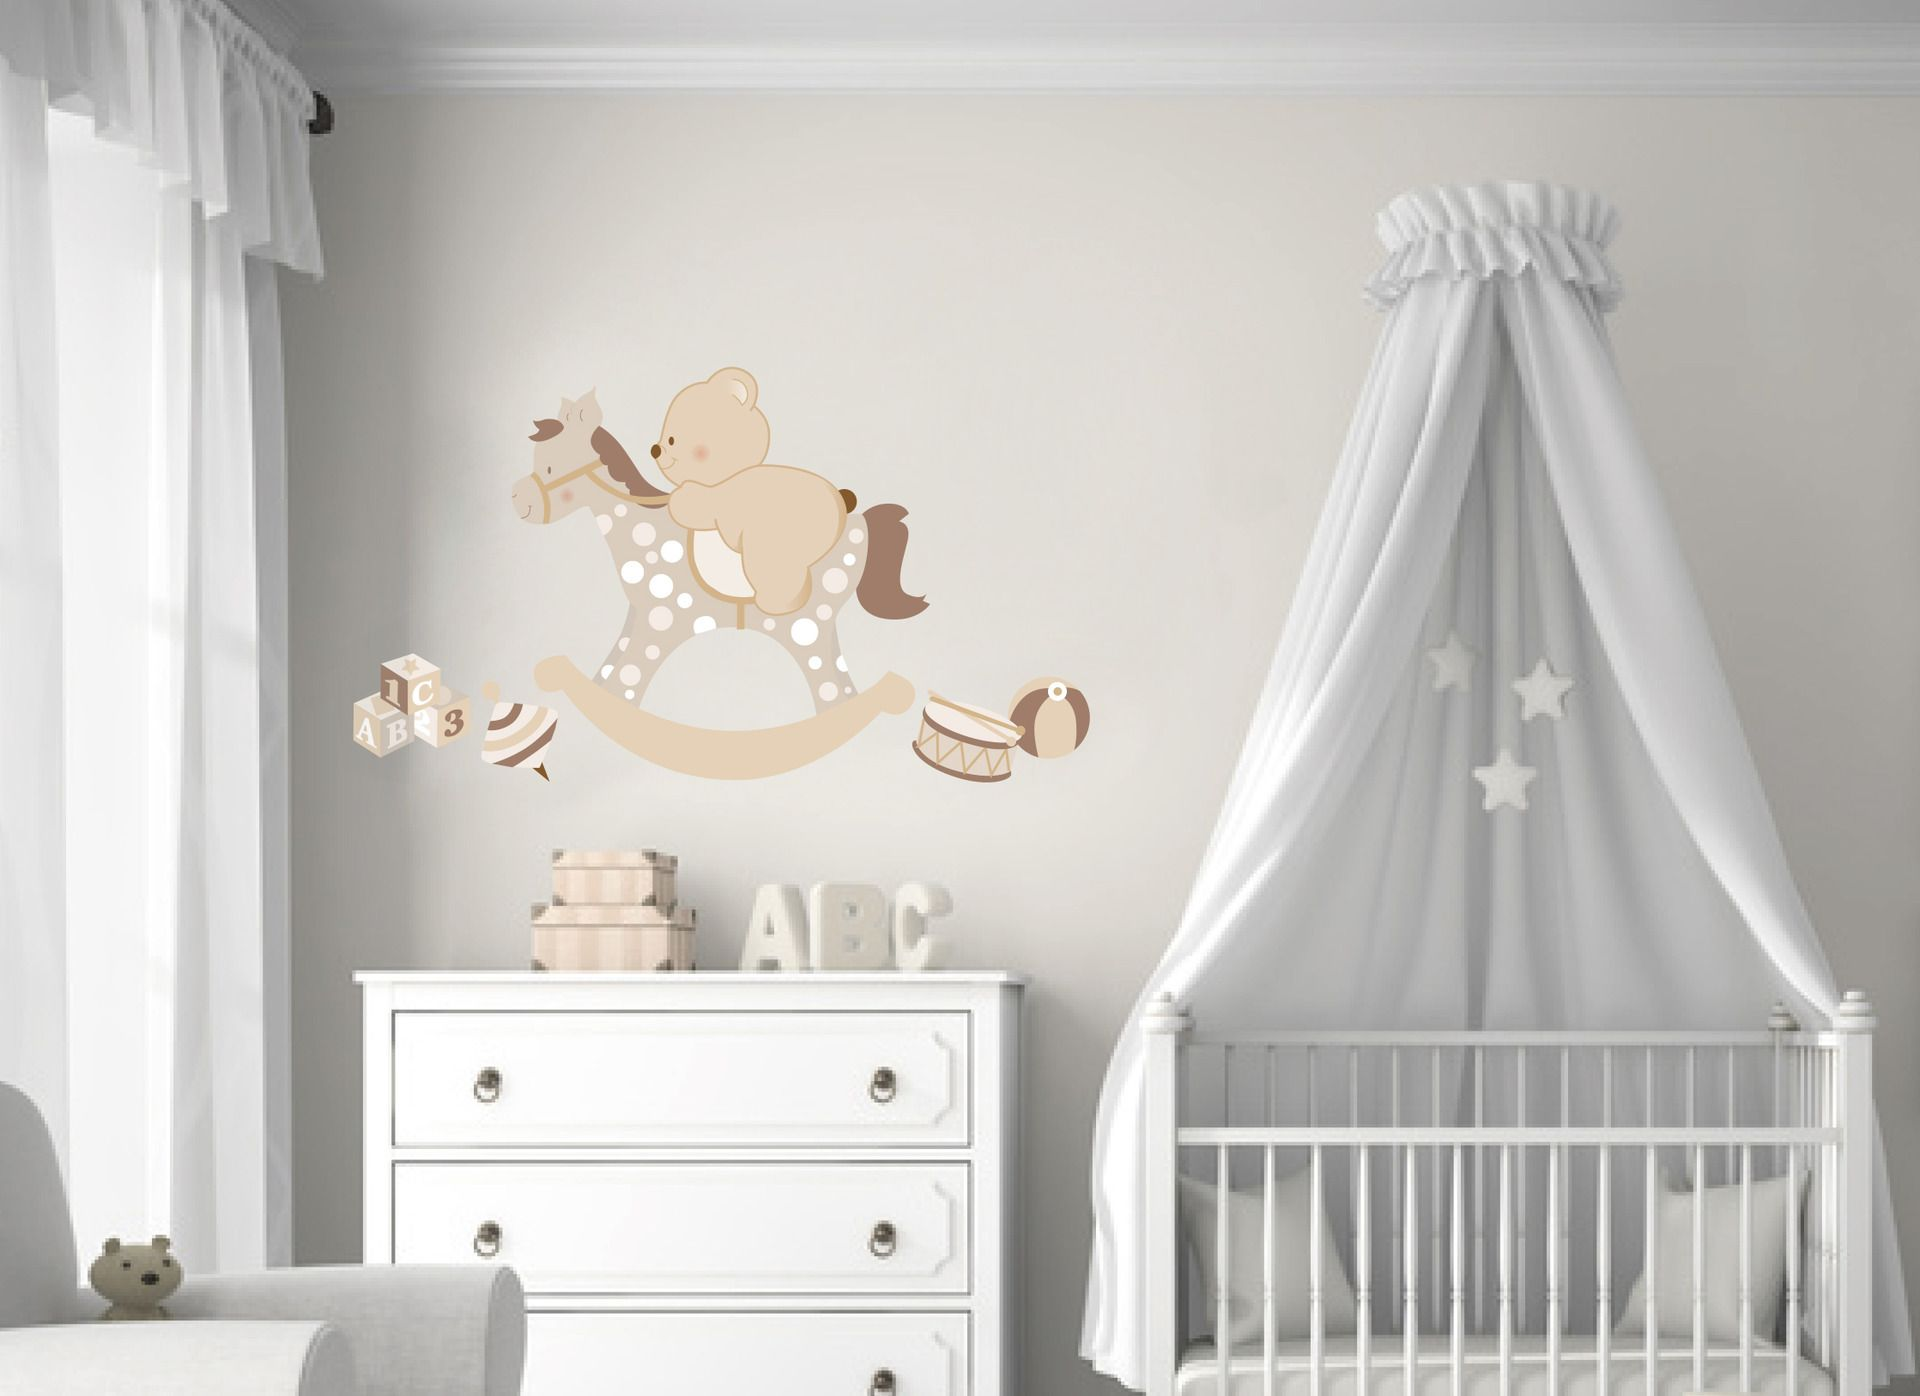 Decorazioni Per Camerette Per Bambini : Adesivi murali bambini decorazioni camerette cavallo a dondolo